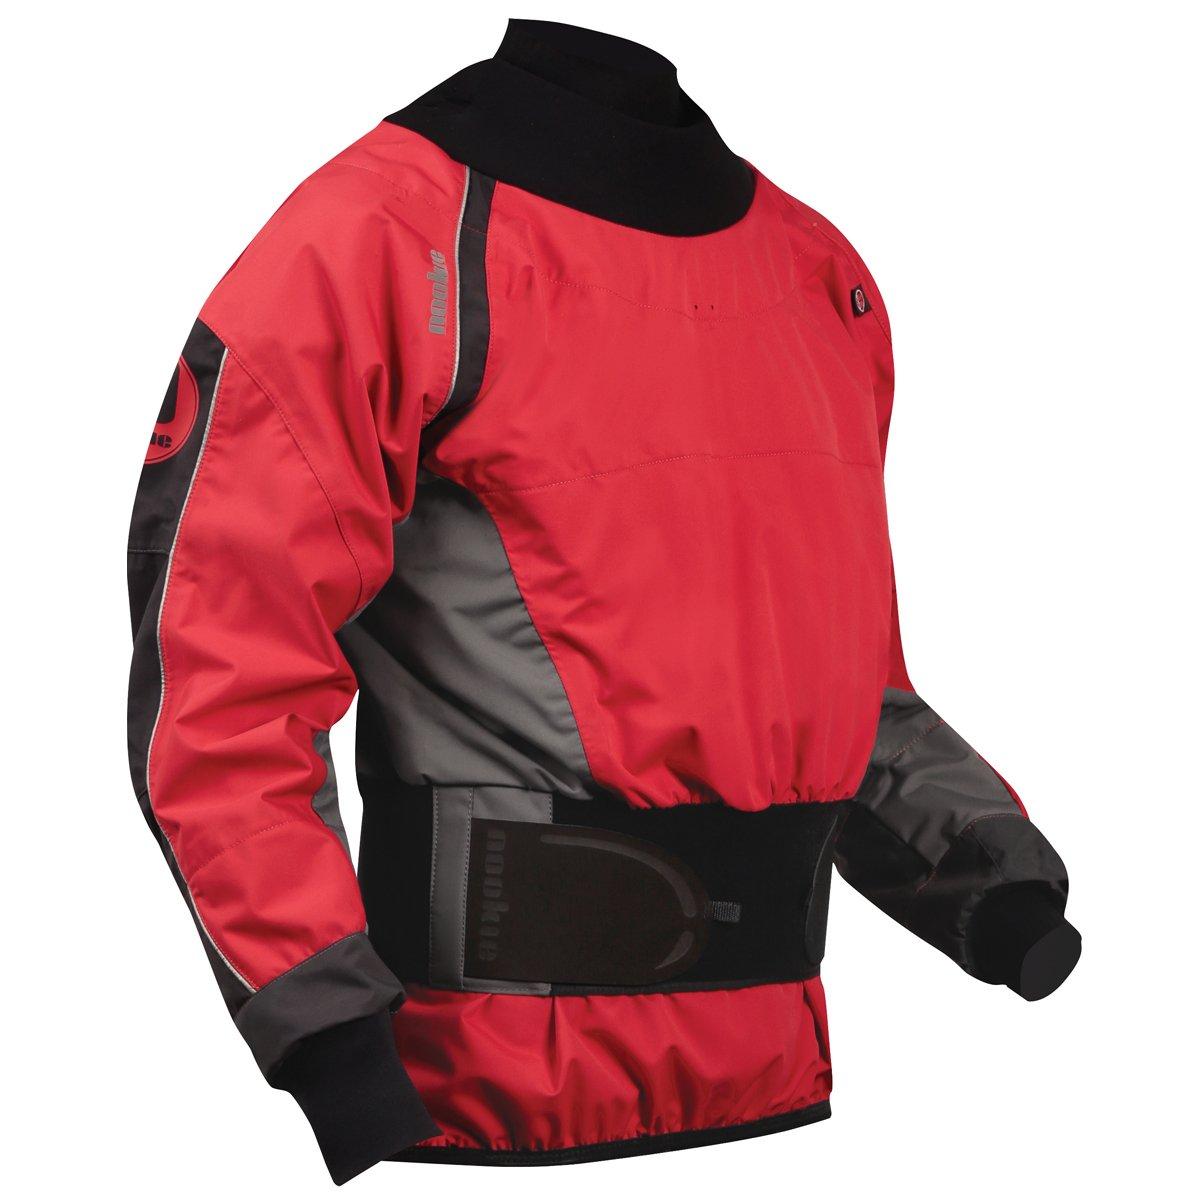 Nookie Cappotto Turbo White Water Coat Cappotto Lava Red Charcoal Grey Impermeabile e Traspirante